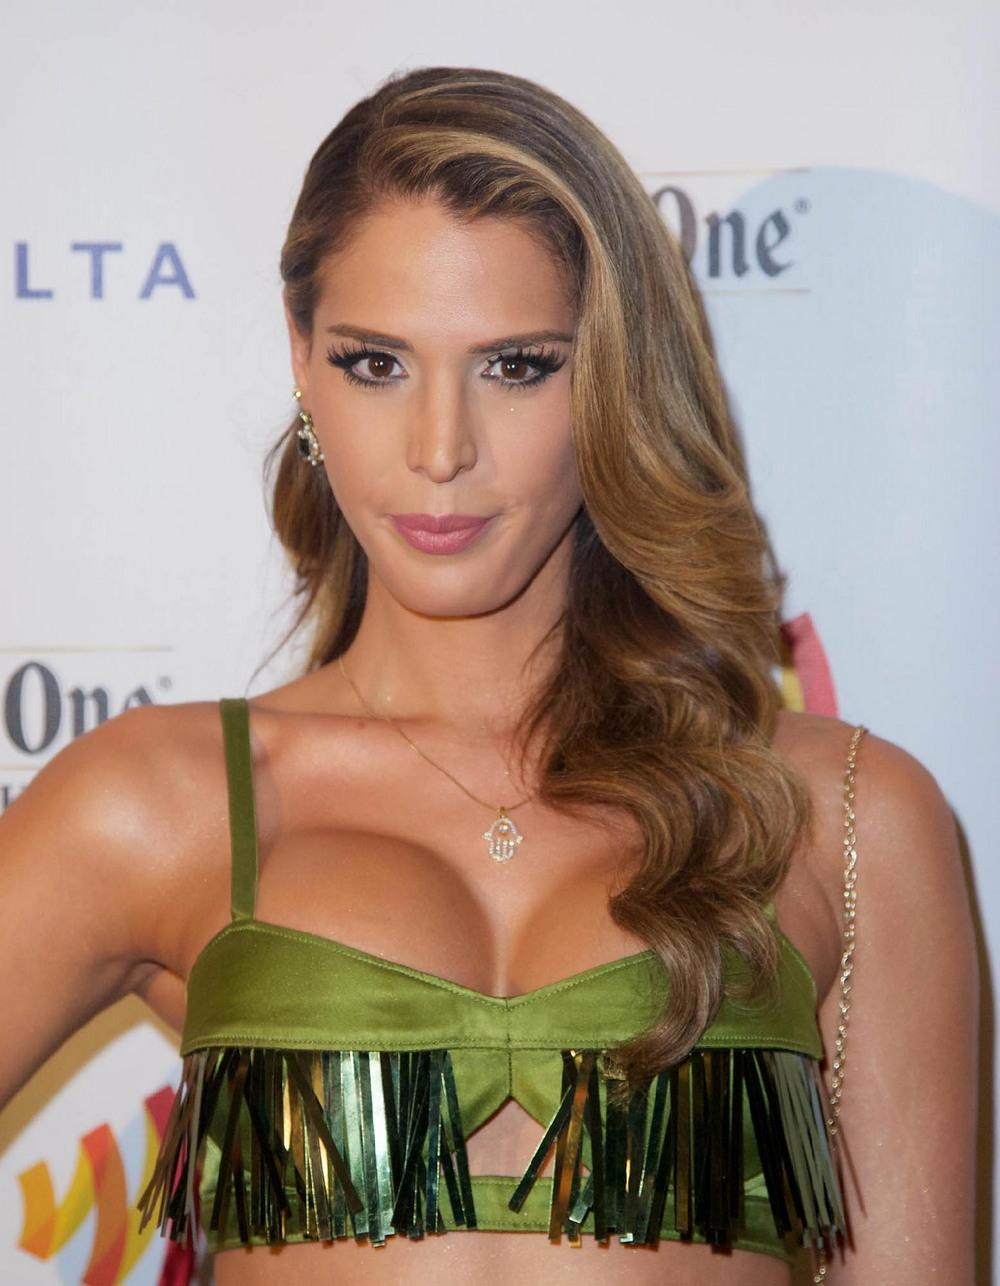 Десять самых красивых транссексуалов по мнению журнала FRONT